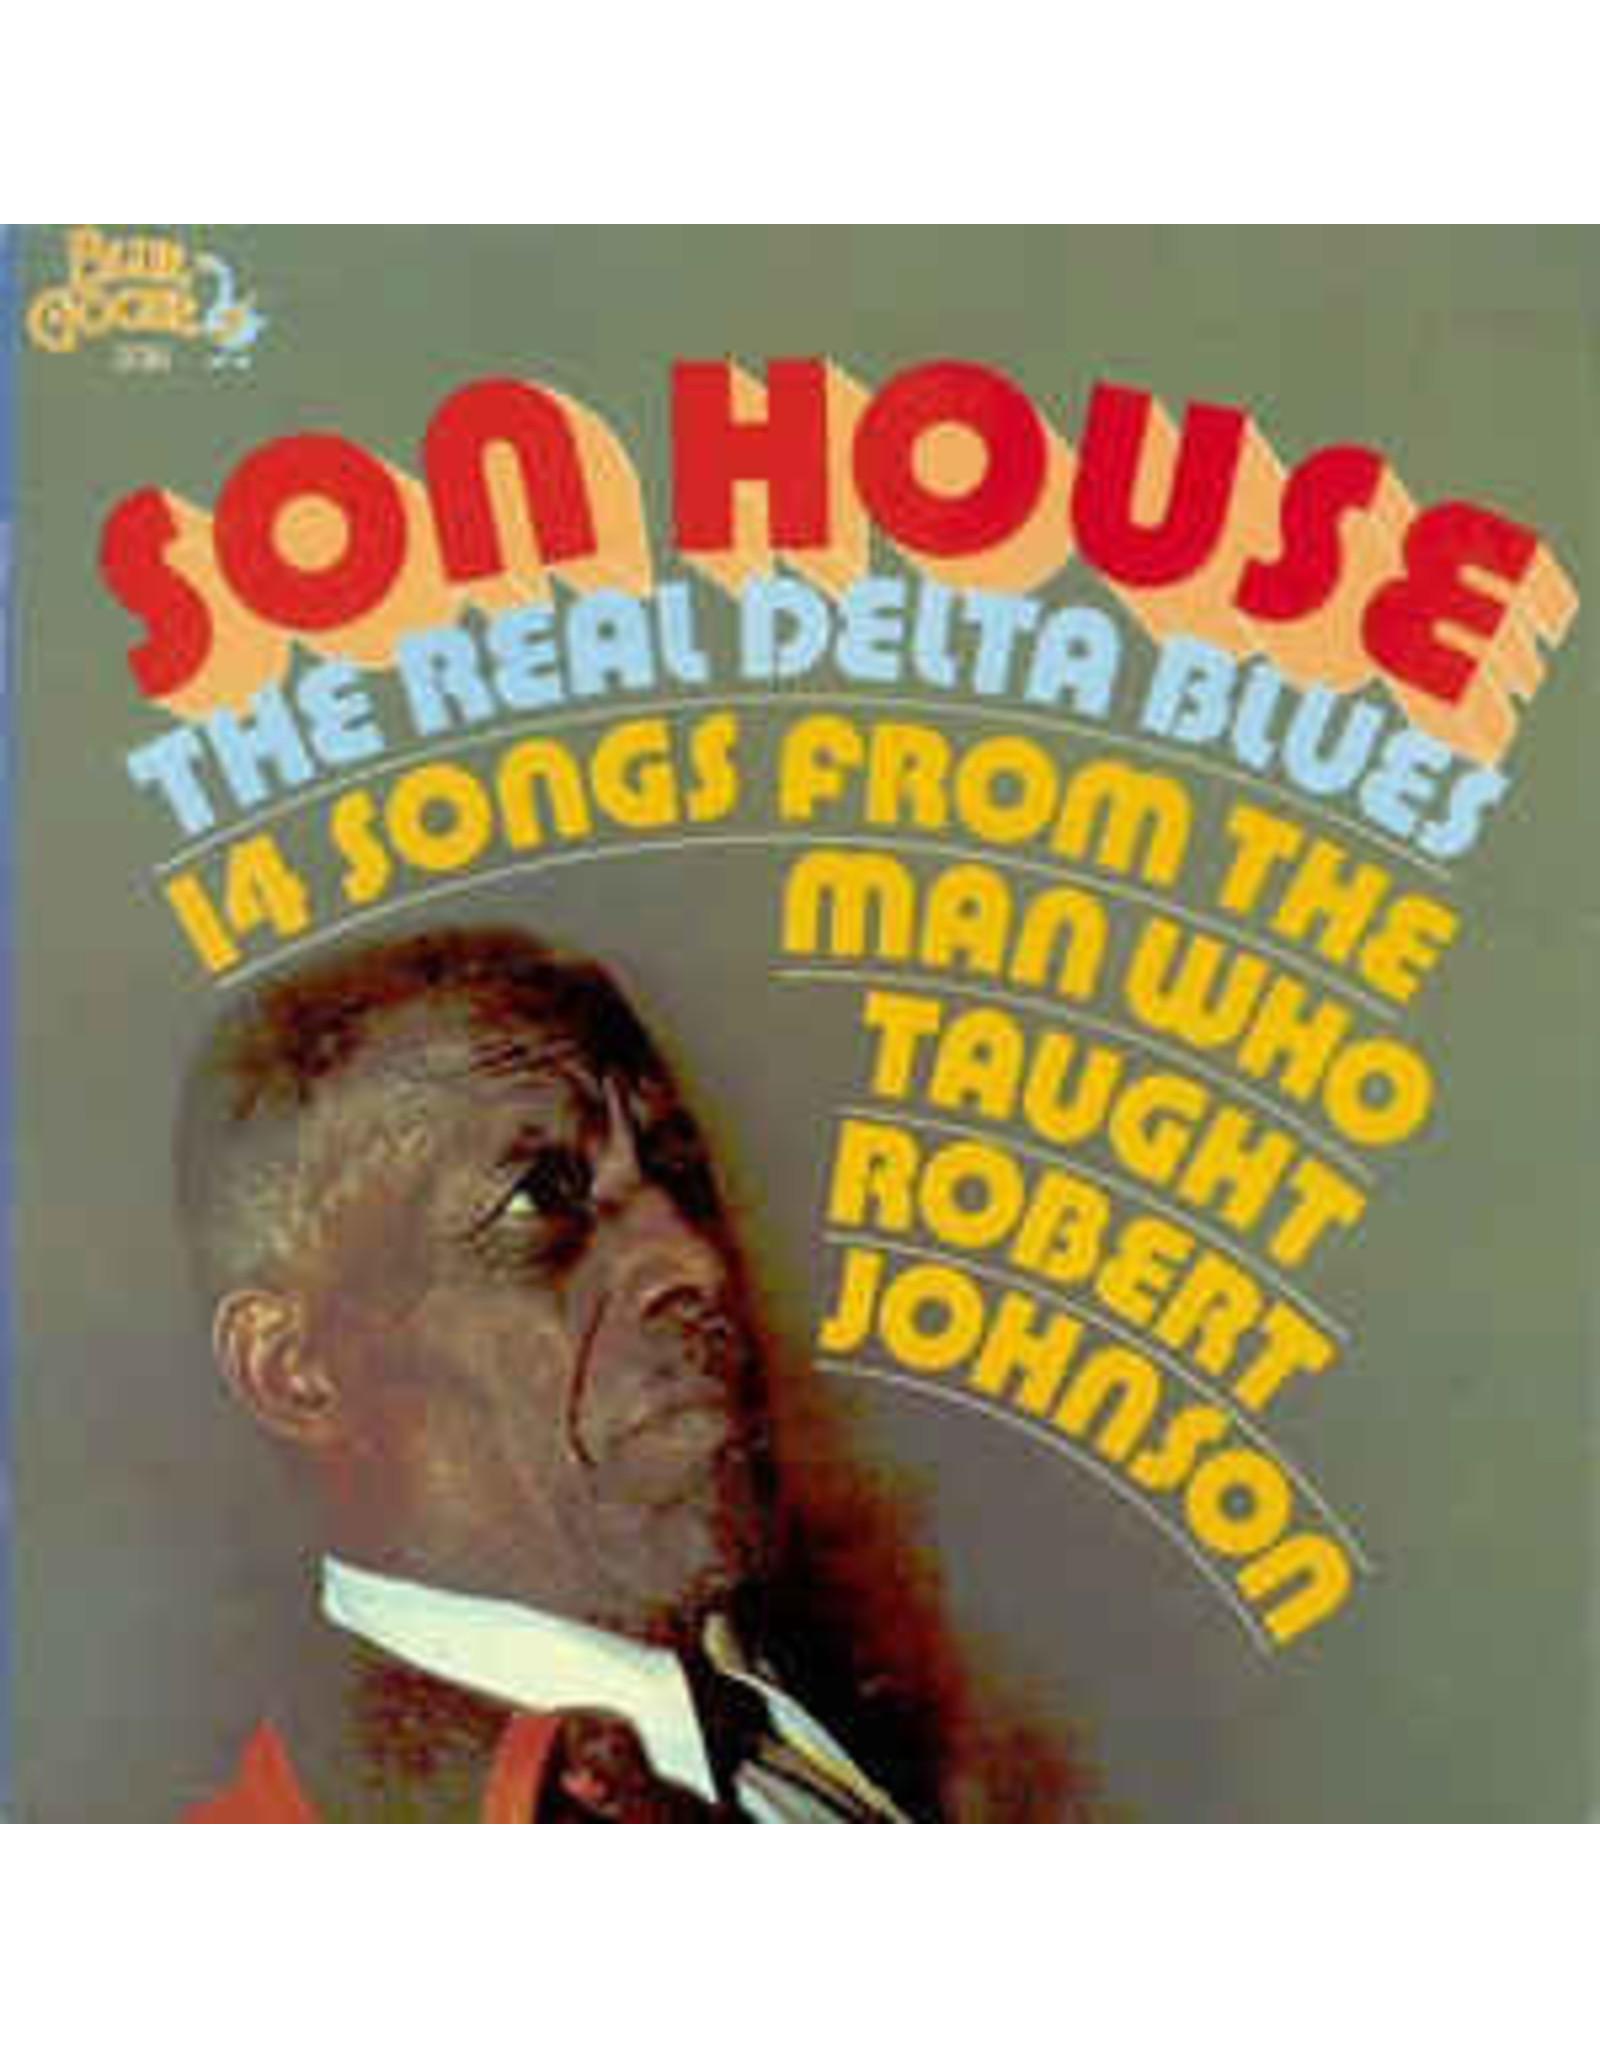 New Vinyl Son House - Real Delta Blues LP